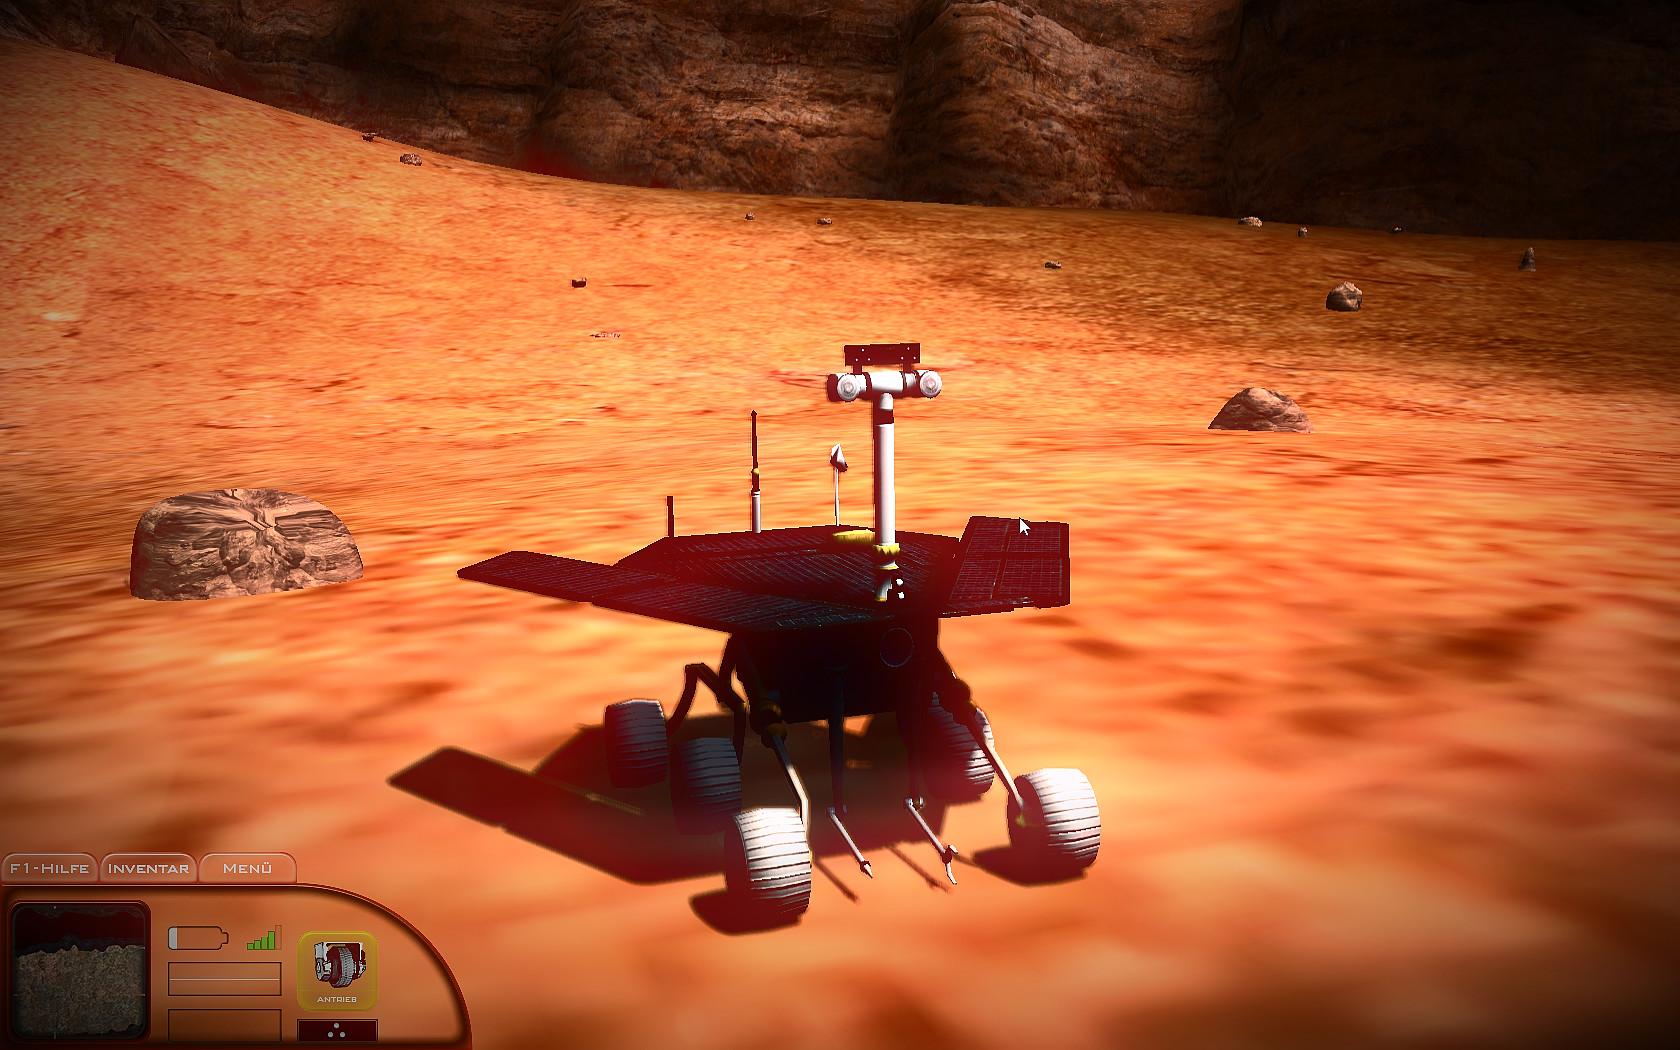 Mars Simulator - Red Planet Screenshot 3